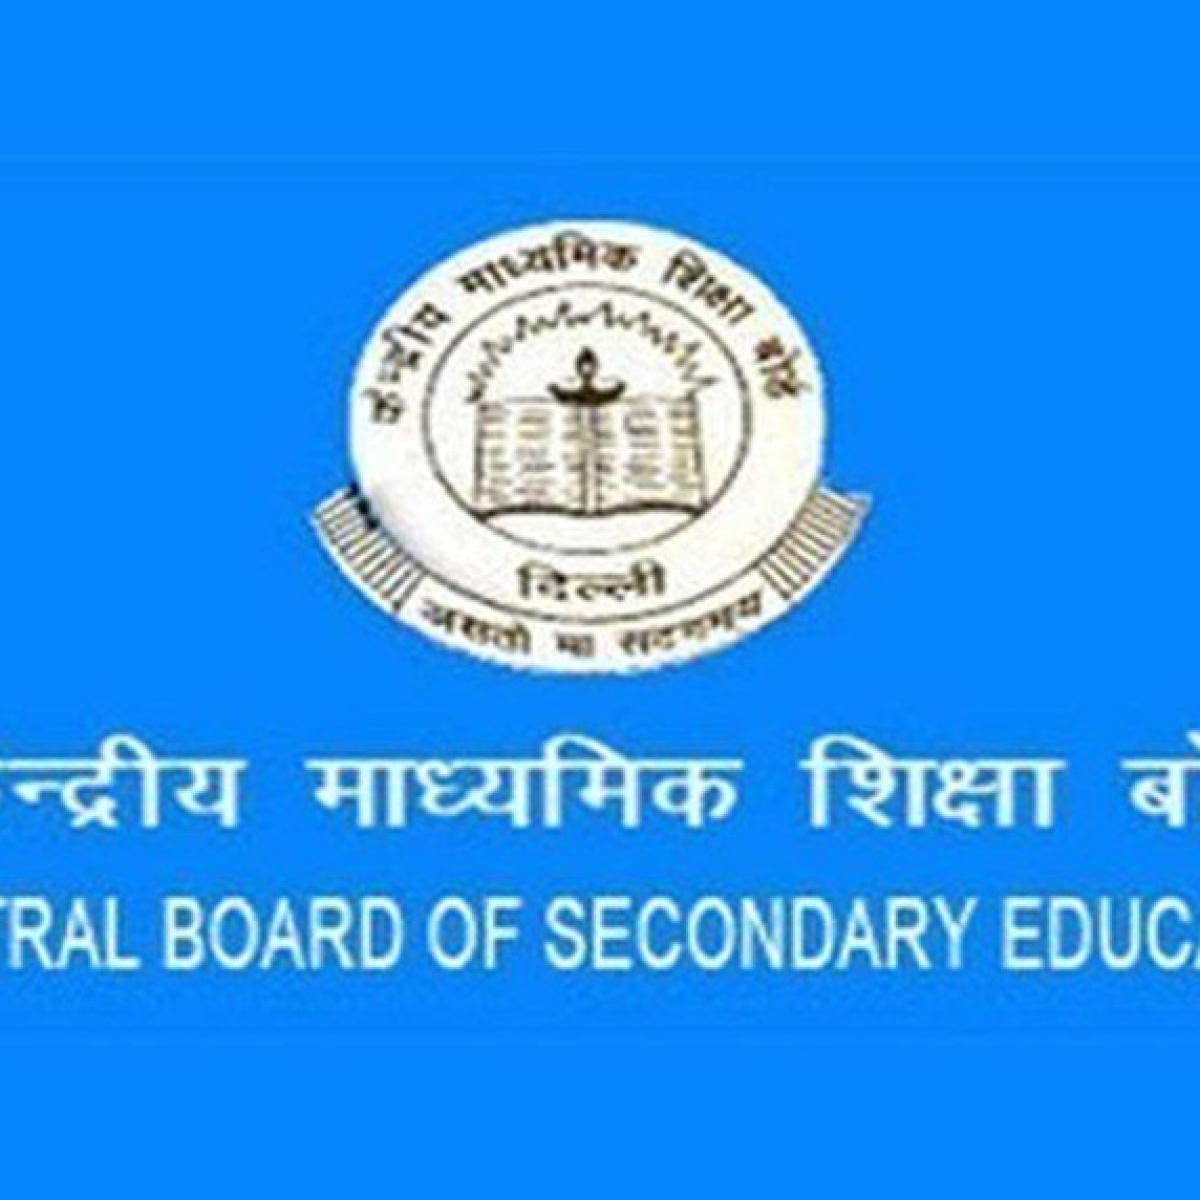 Indore: CBSE cautions schoolsof fraudsters